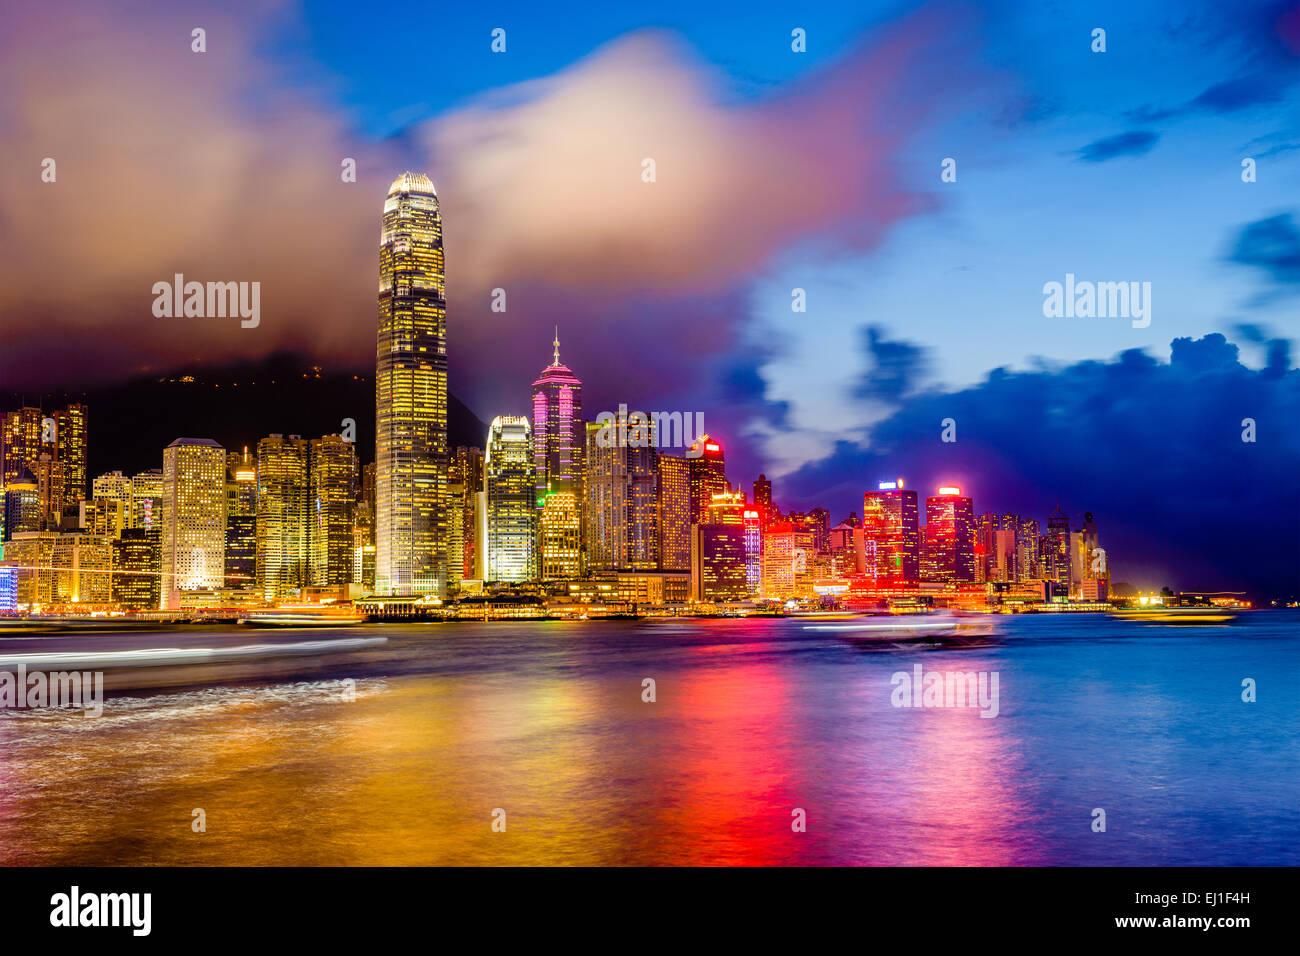 Hong Kong, China downtown city skyline at Vitoria Harbor. - Stock Image